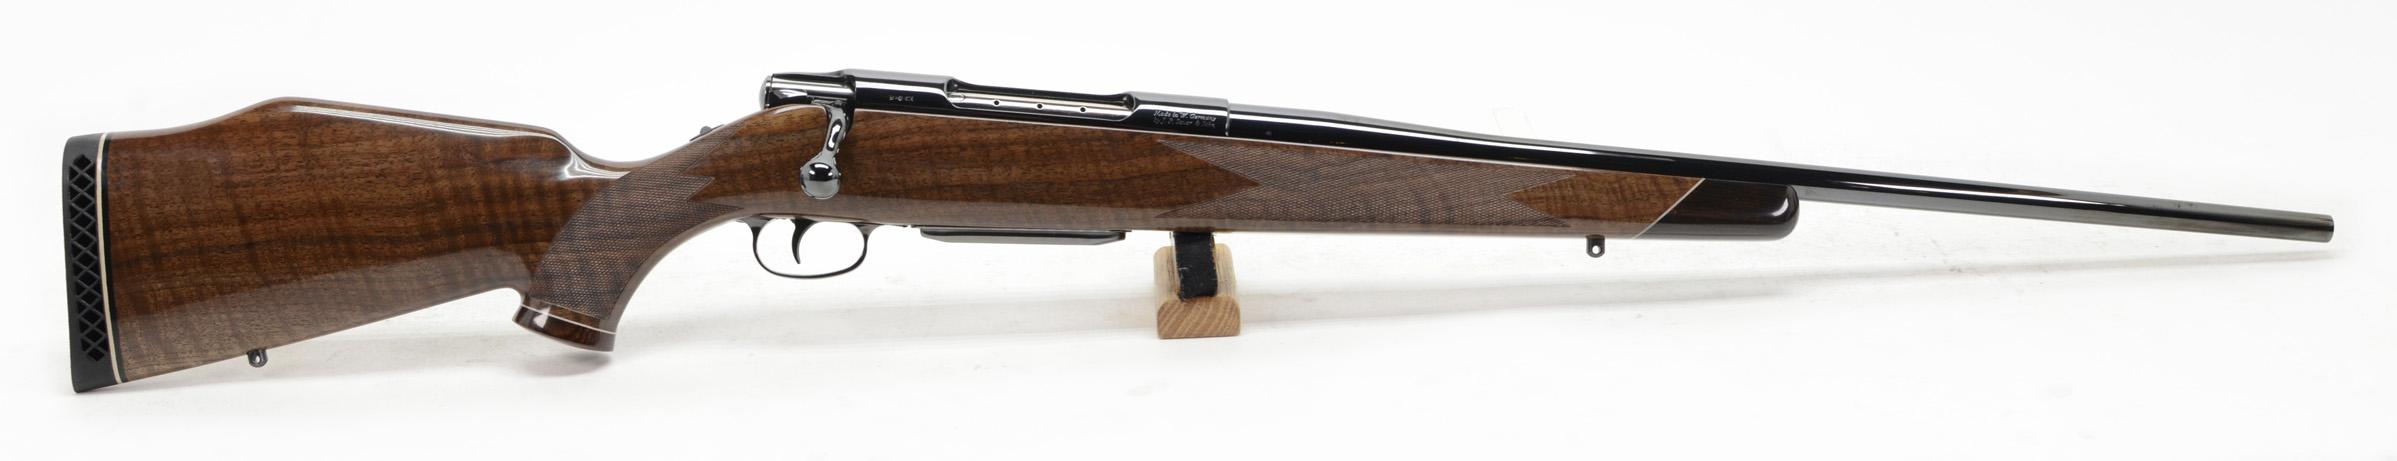 Colt Sauer Rifle